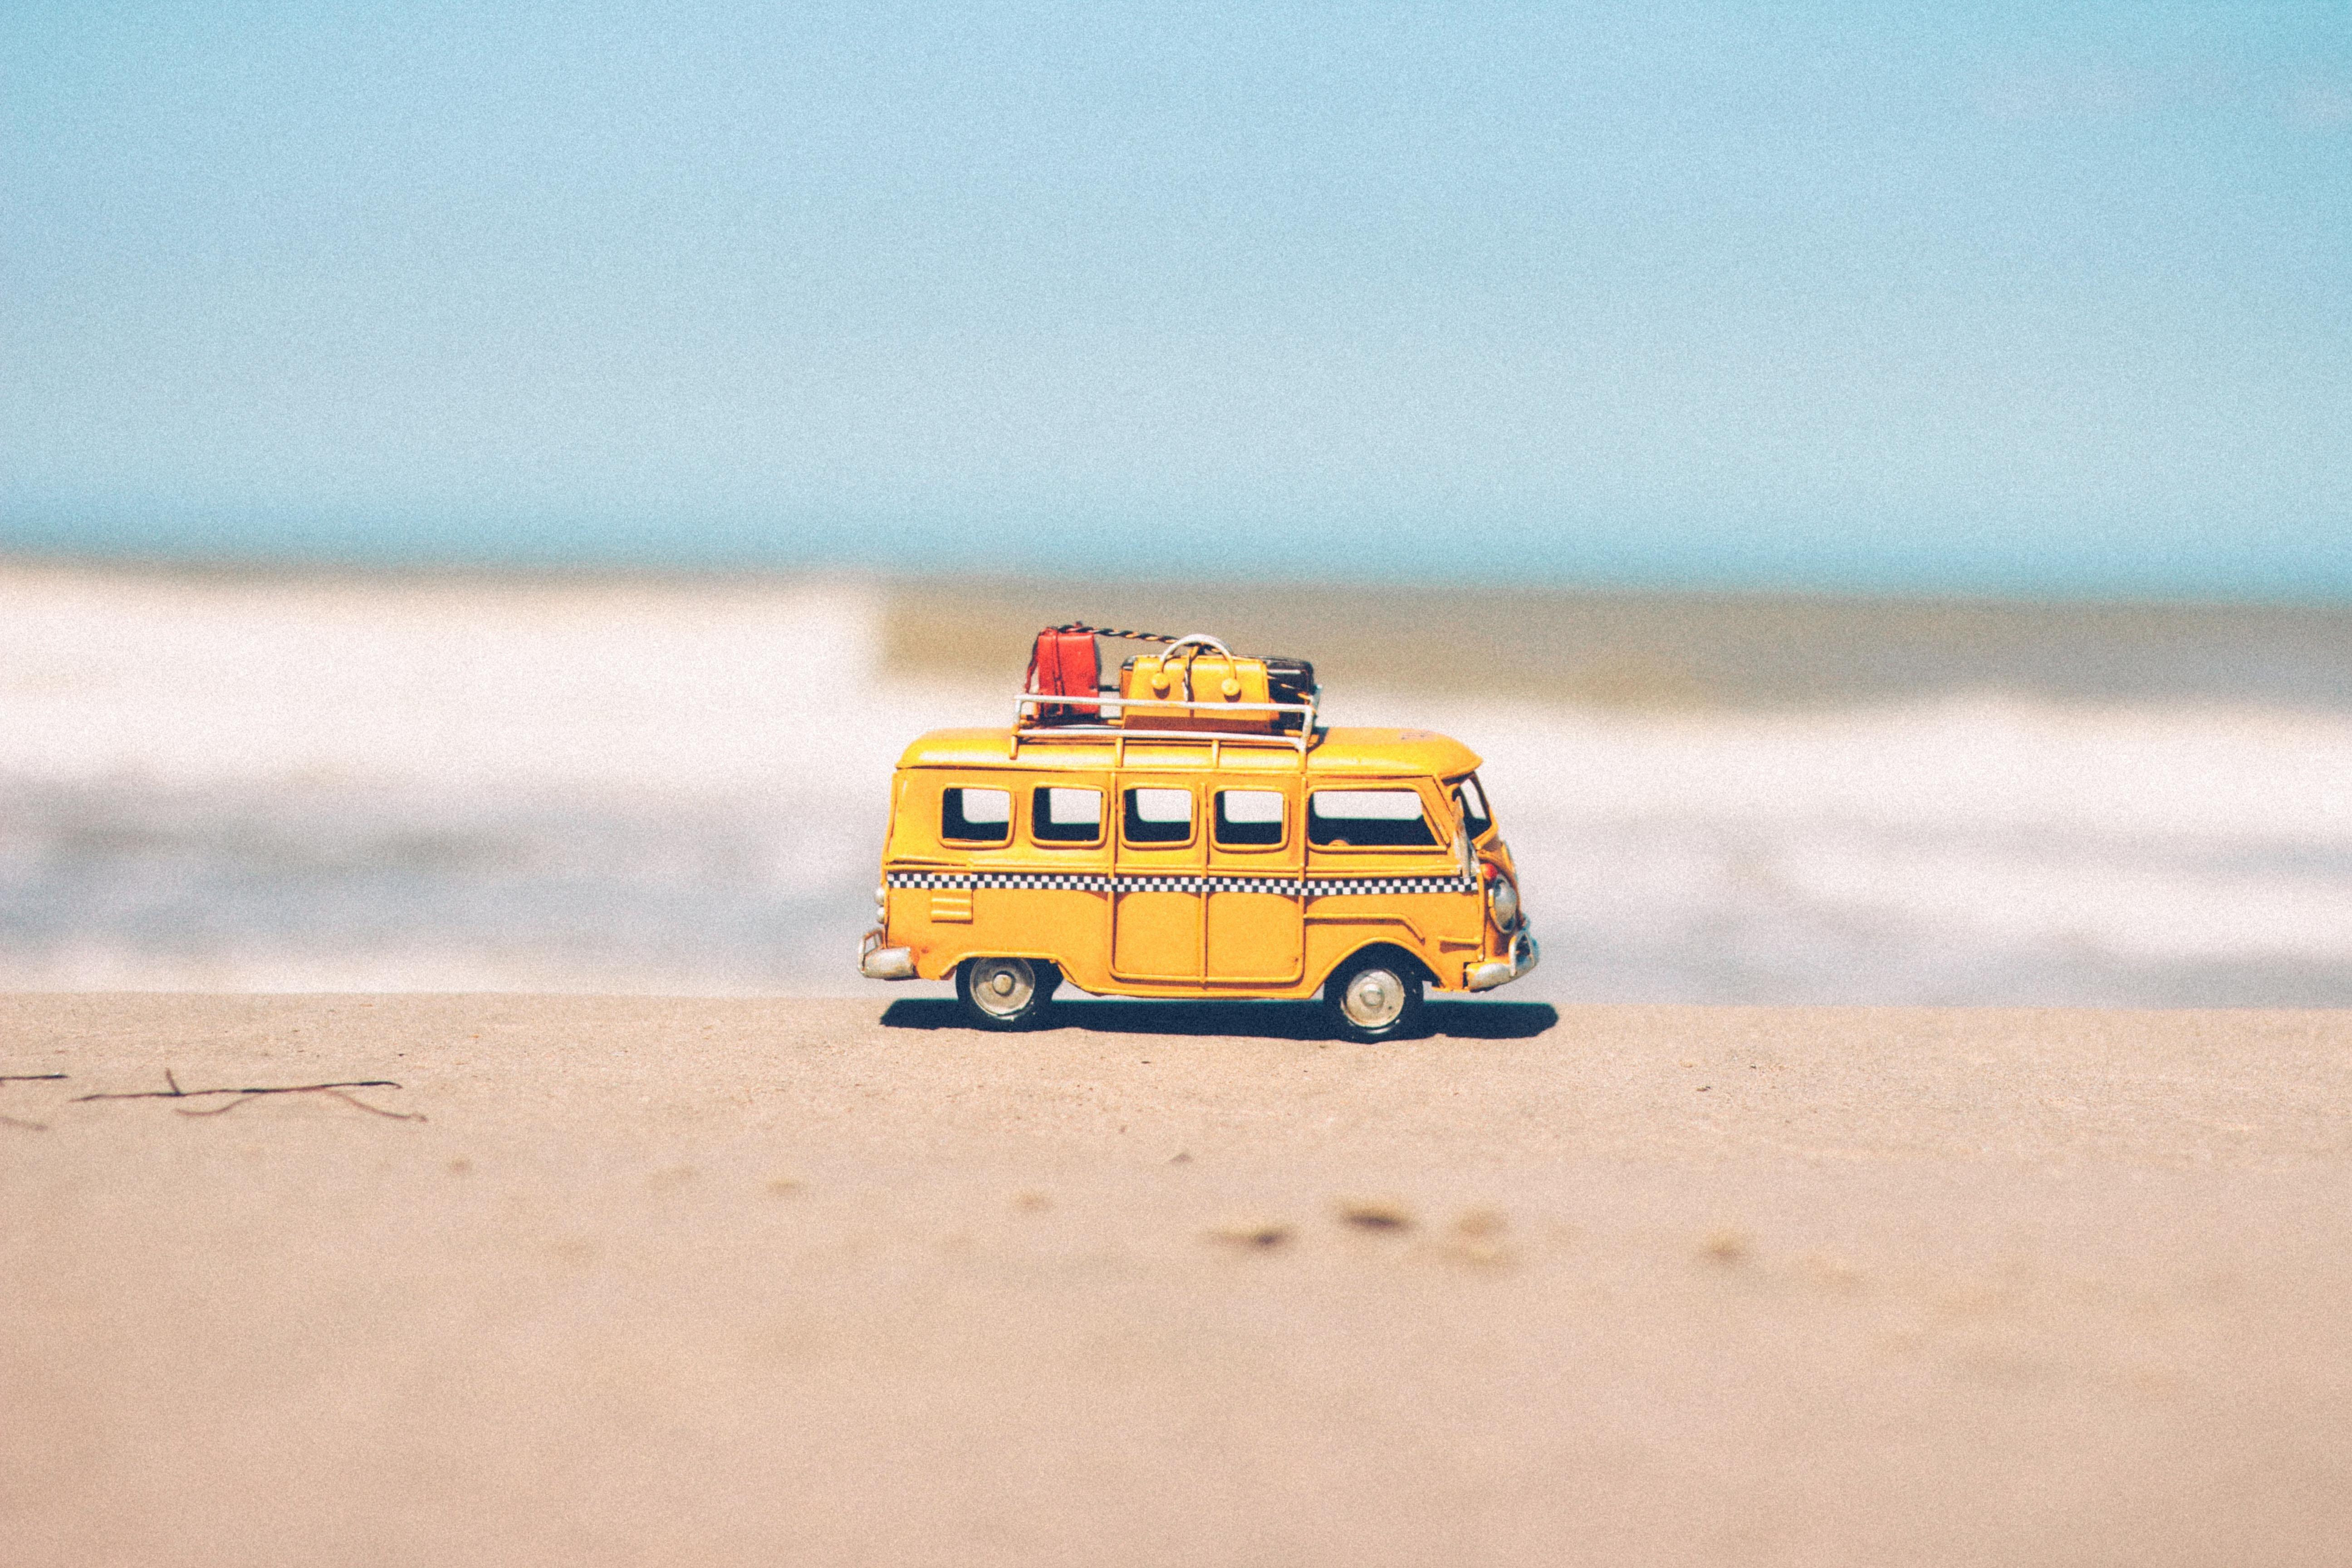 Family car at a beach.